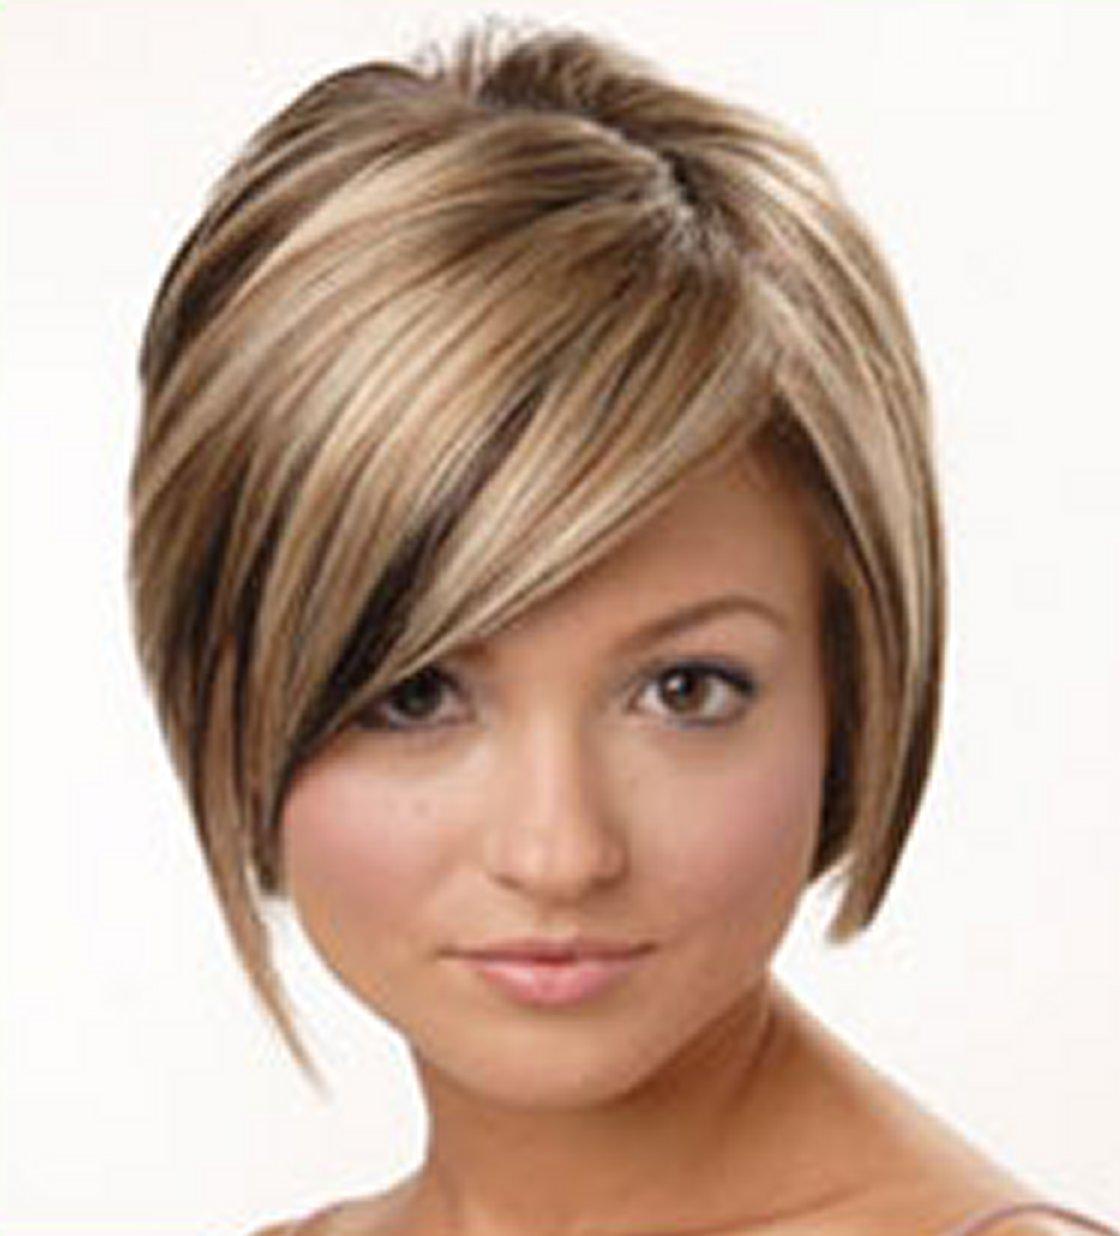 Hair Style Idea January 2015